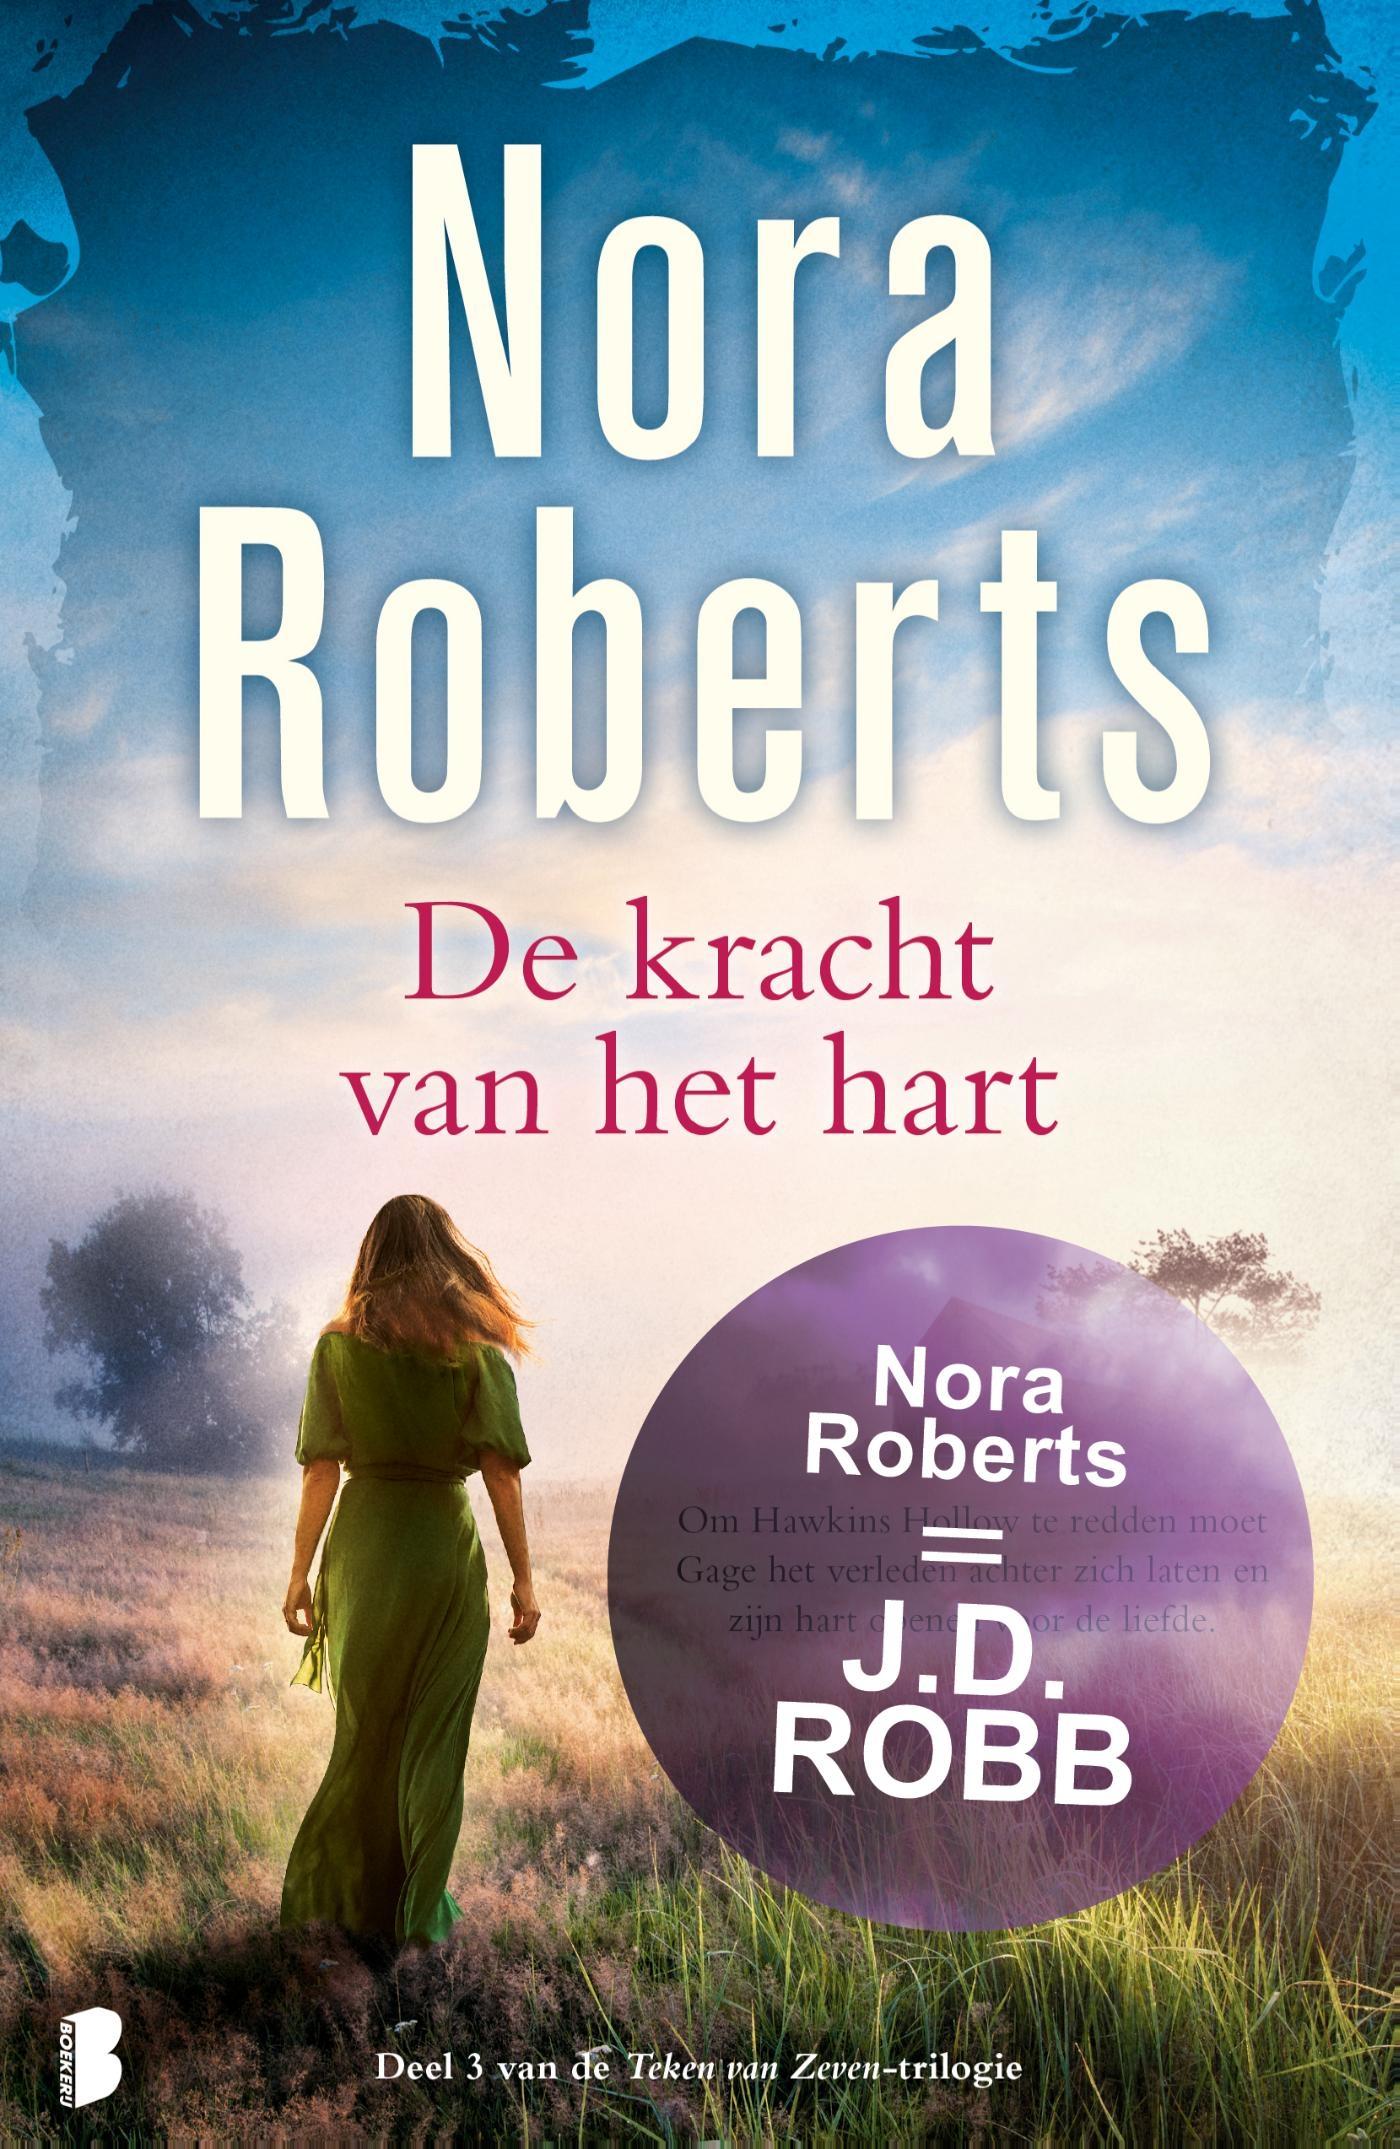 De kracht van het hart – Nora Roberts